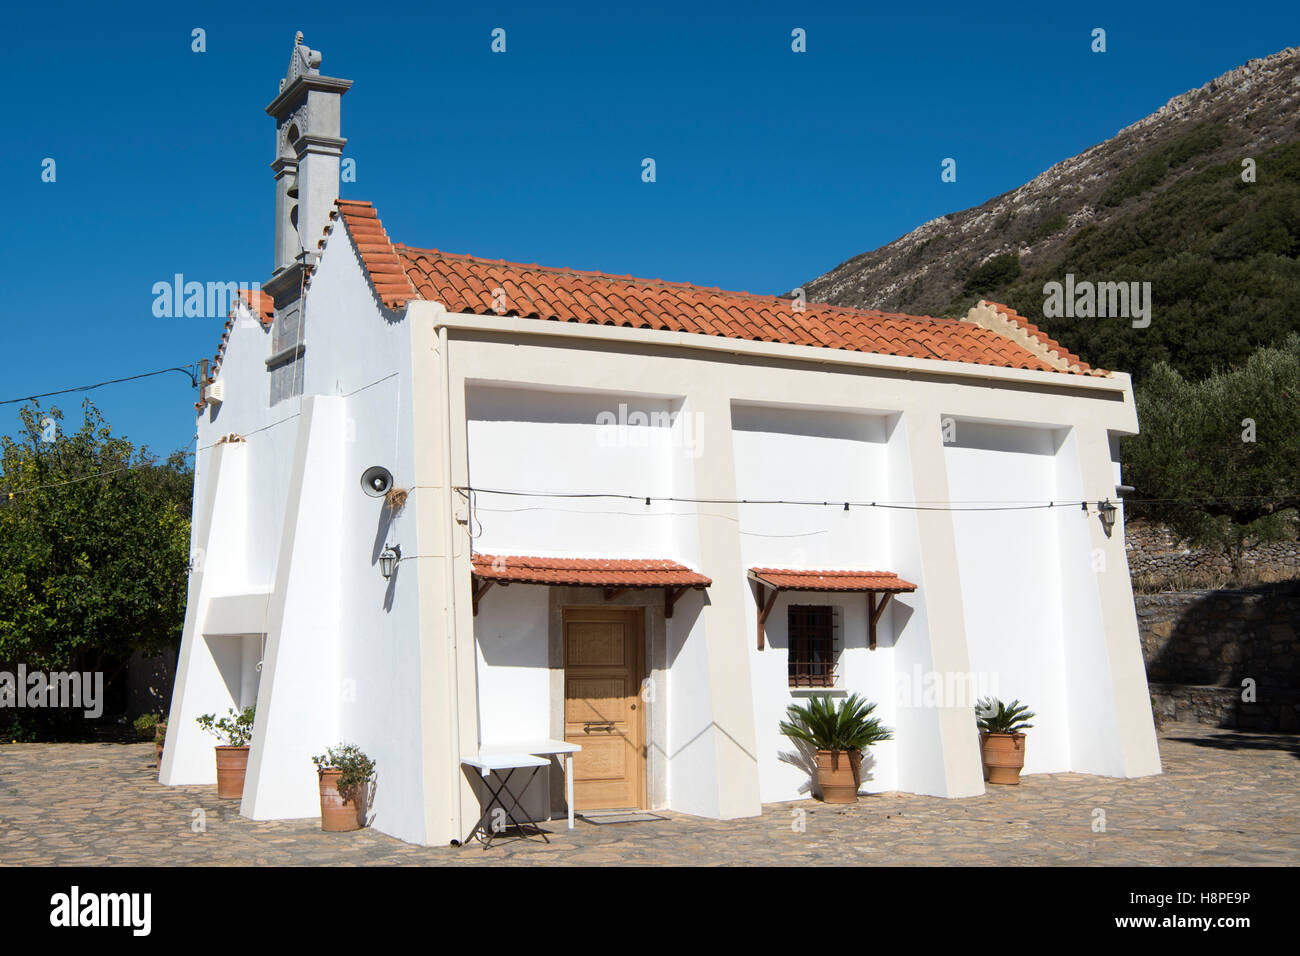 Griechenland, Kreta, Dories an der Strasse von Vrouchas nach Neapolis, Kirche Agias Konstantinos. - Stock Image